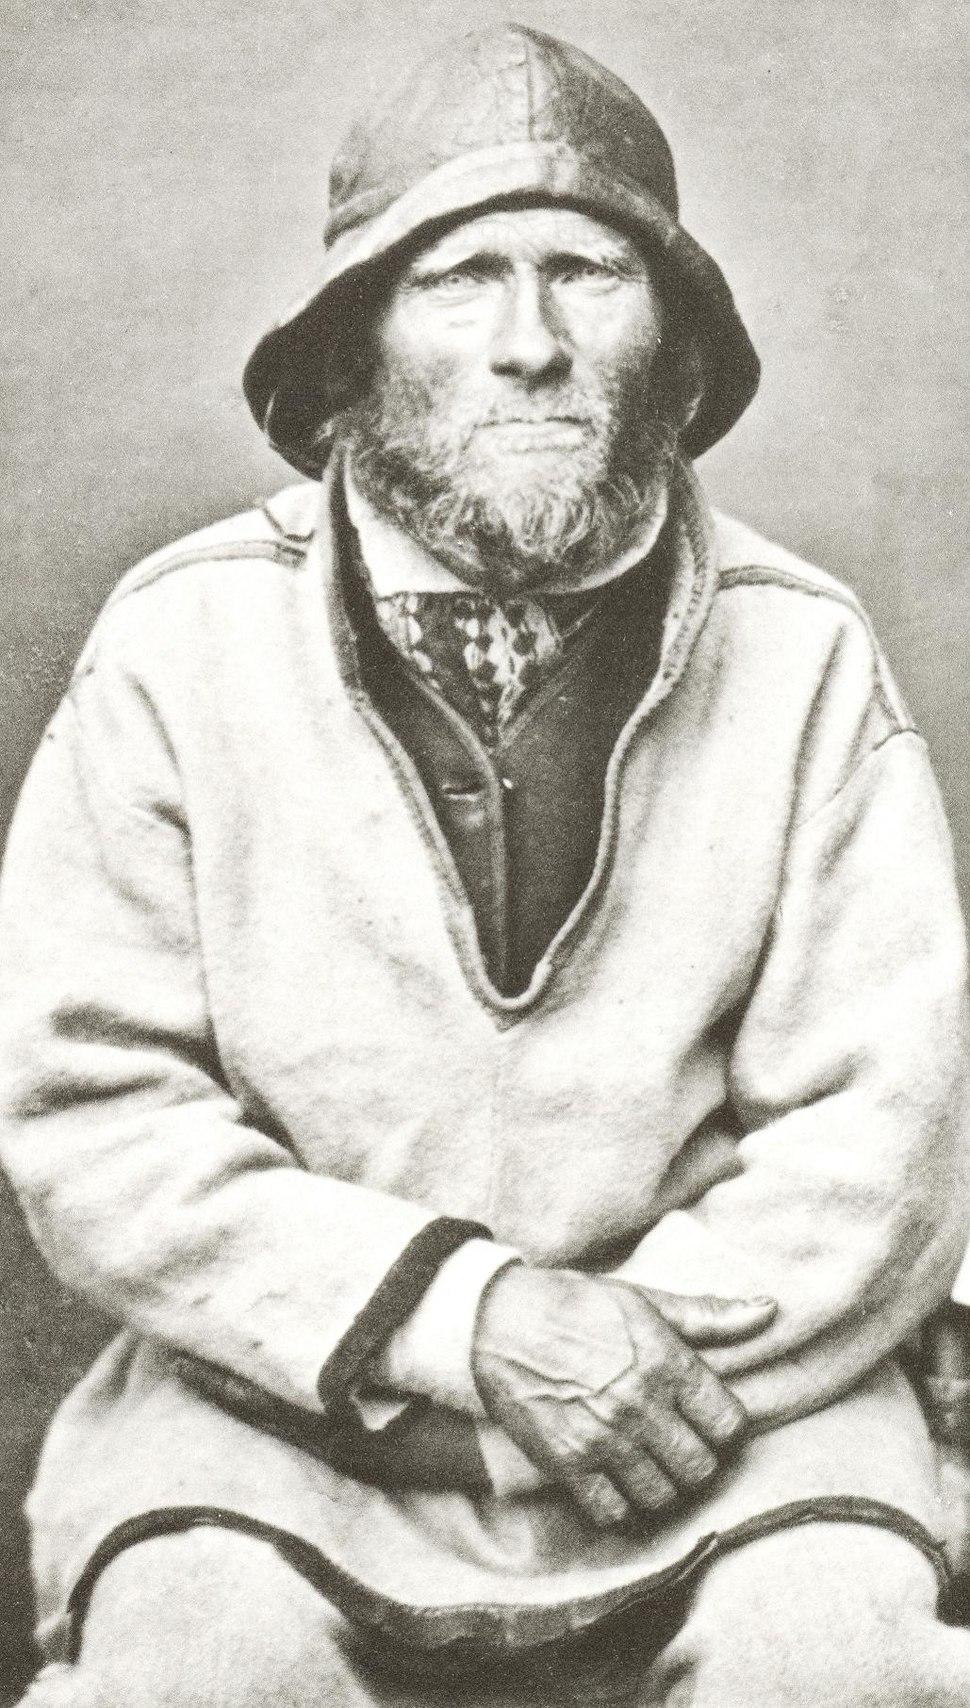 Sjøsamisk Mann Finnmark Norge Ivar Samuelsen 1884 av Bonaparte